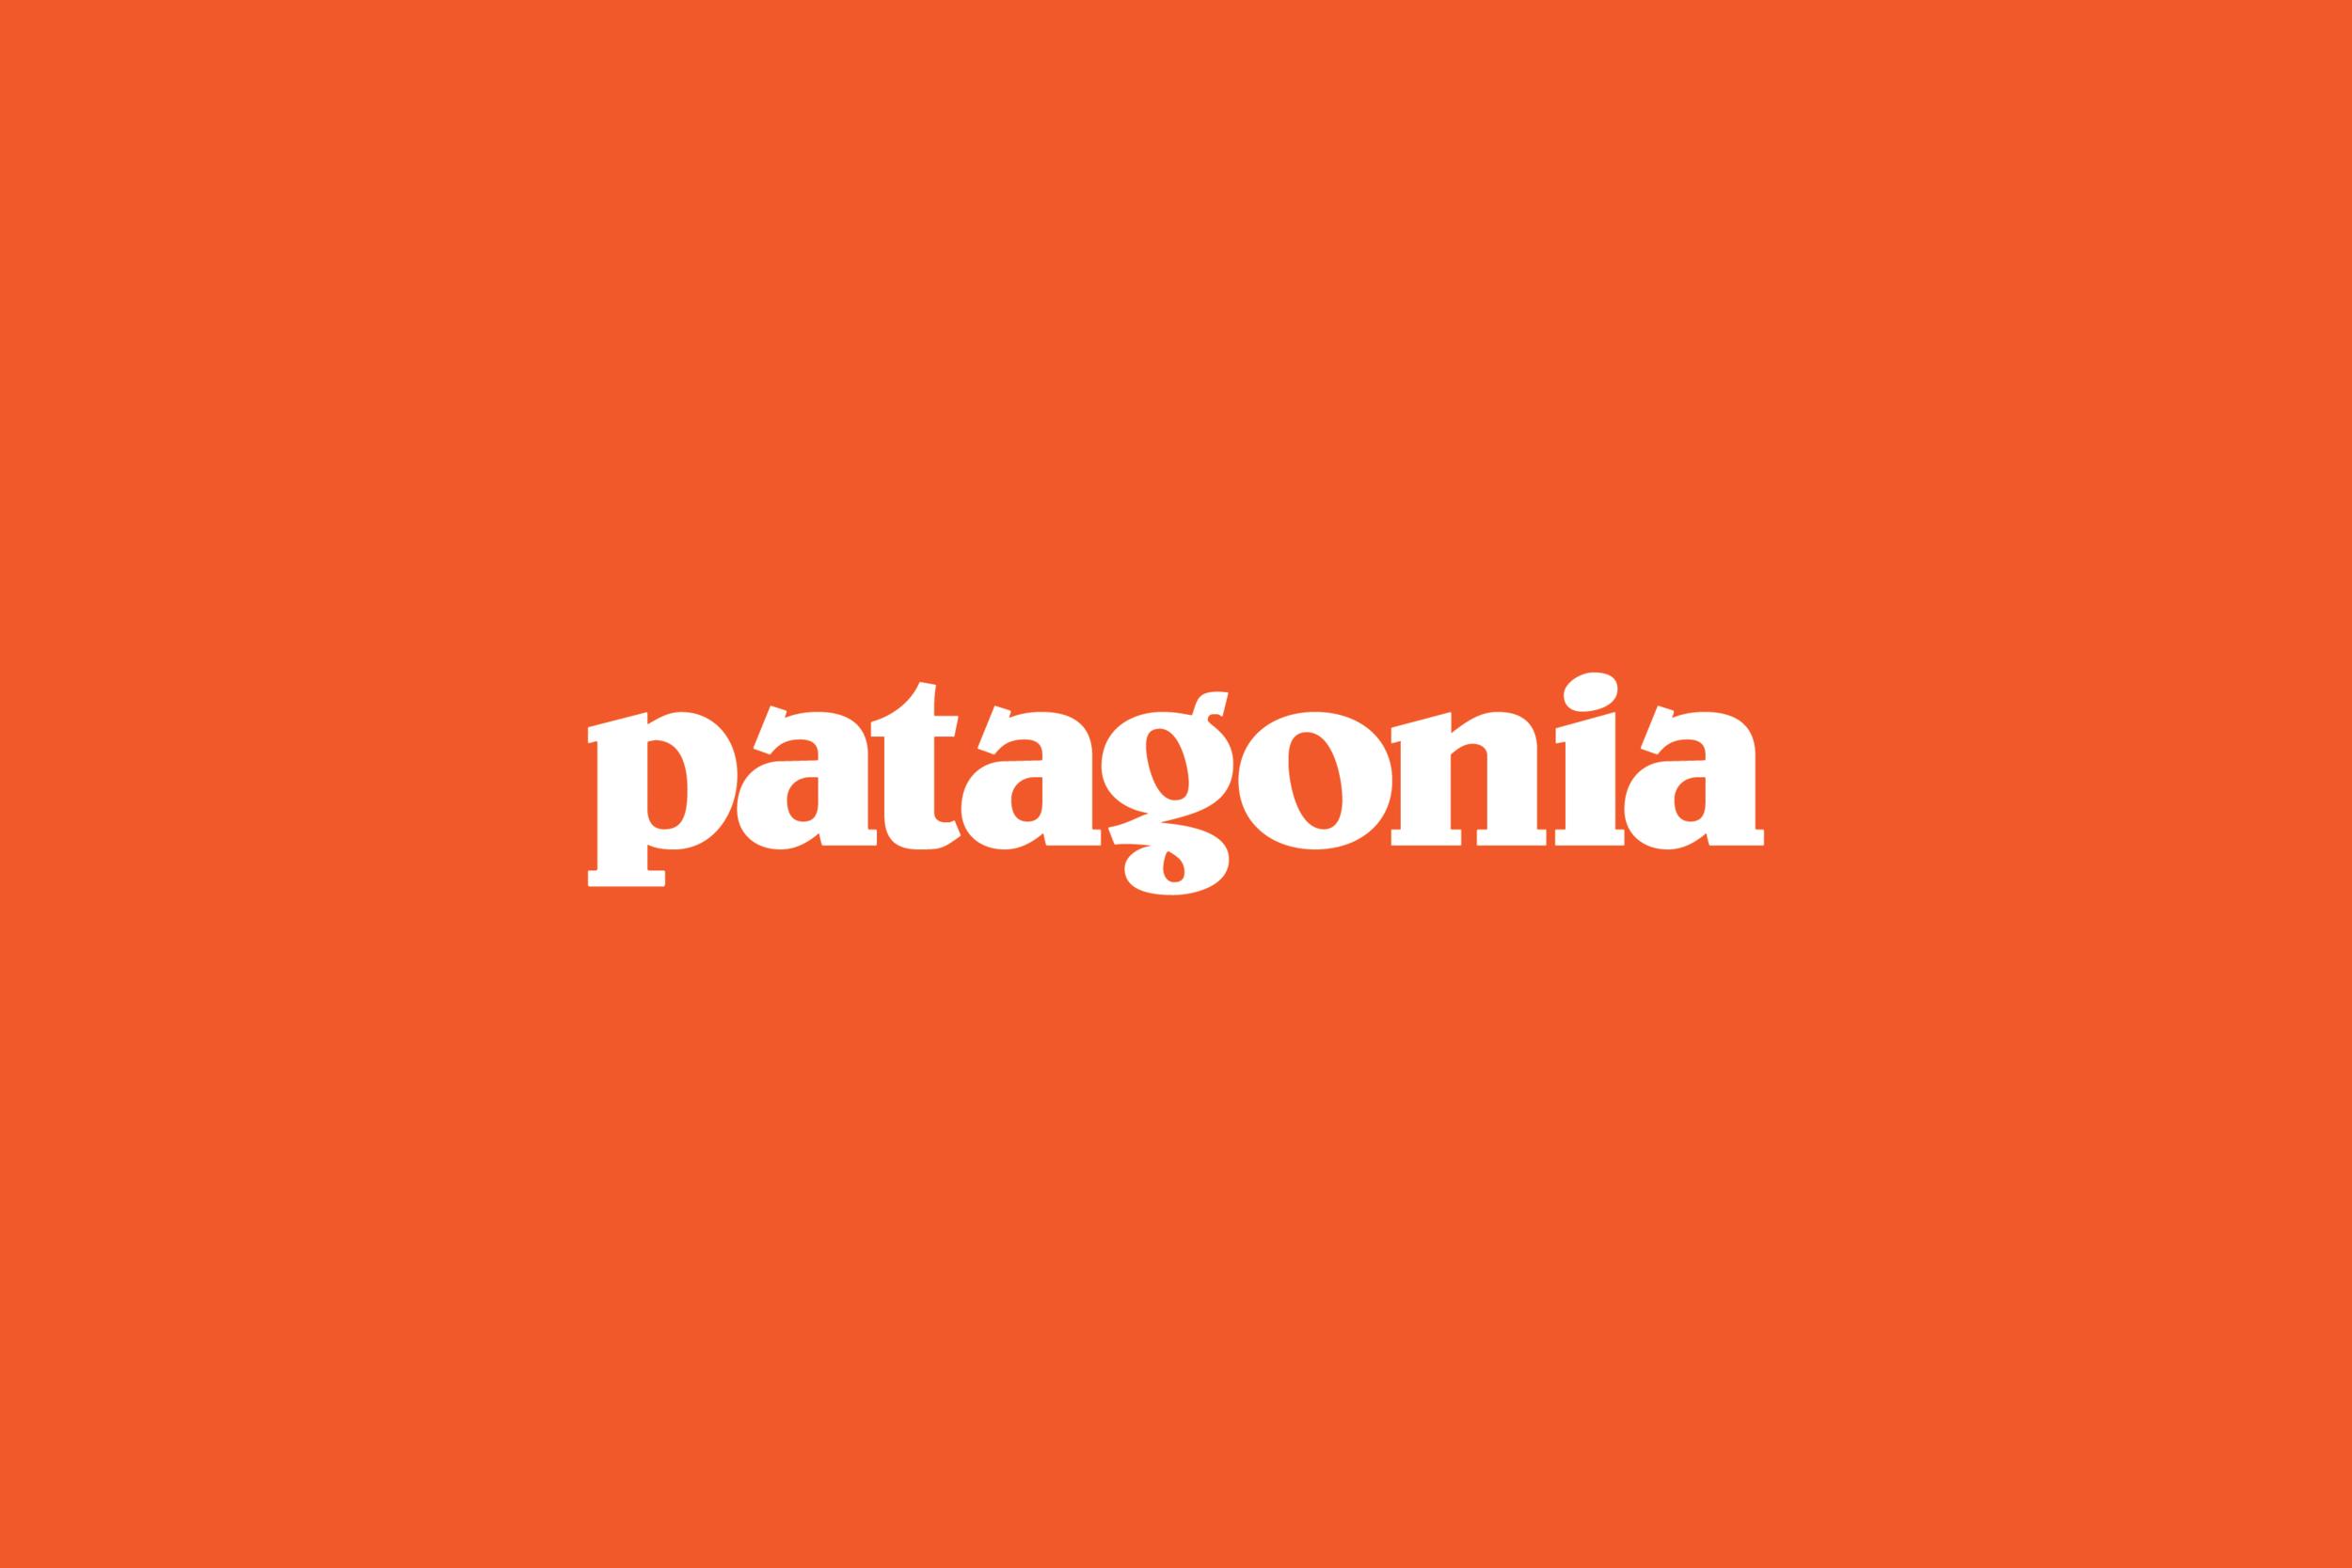 Wolfer_Patagonia_02.png